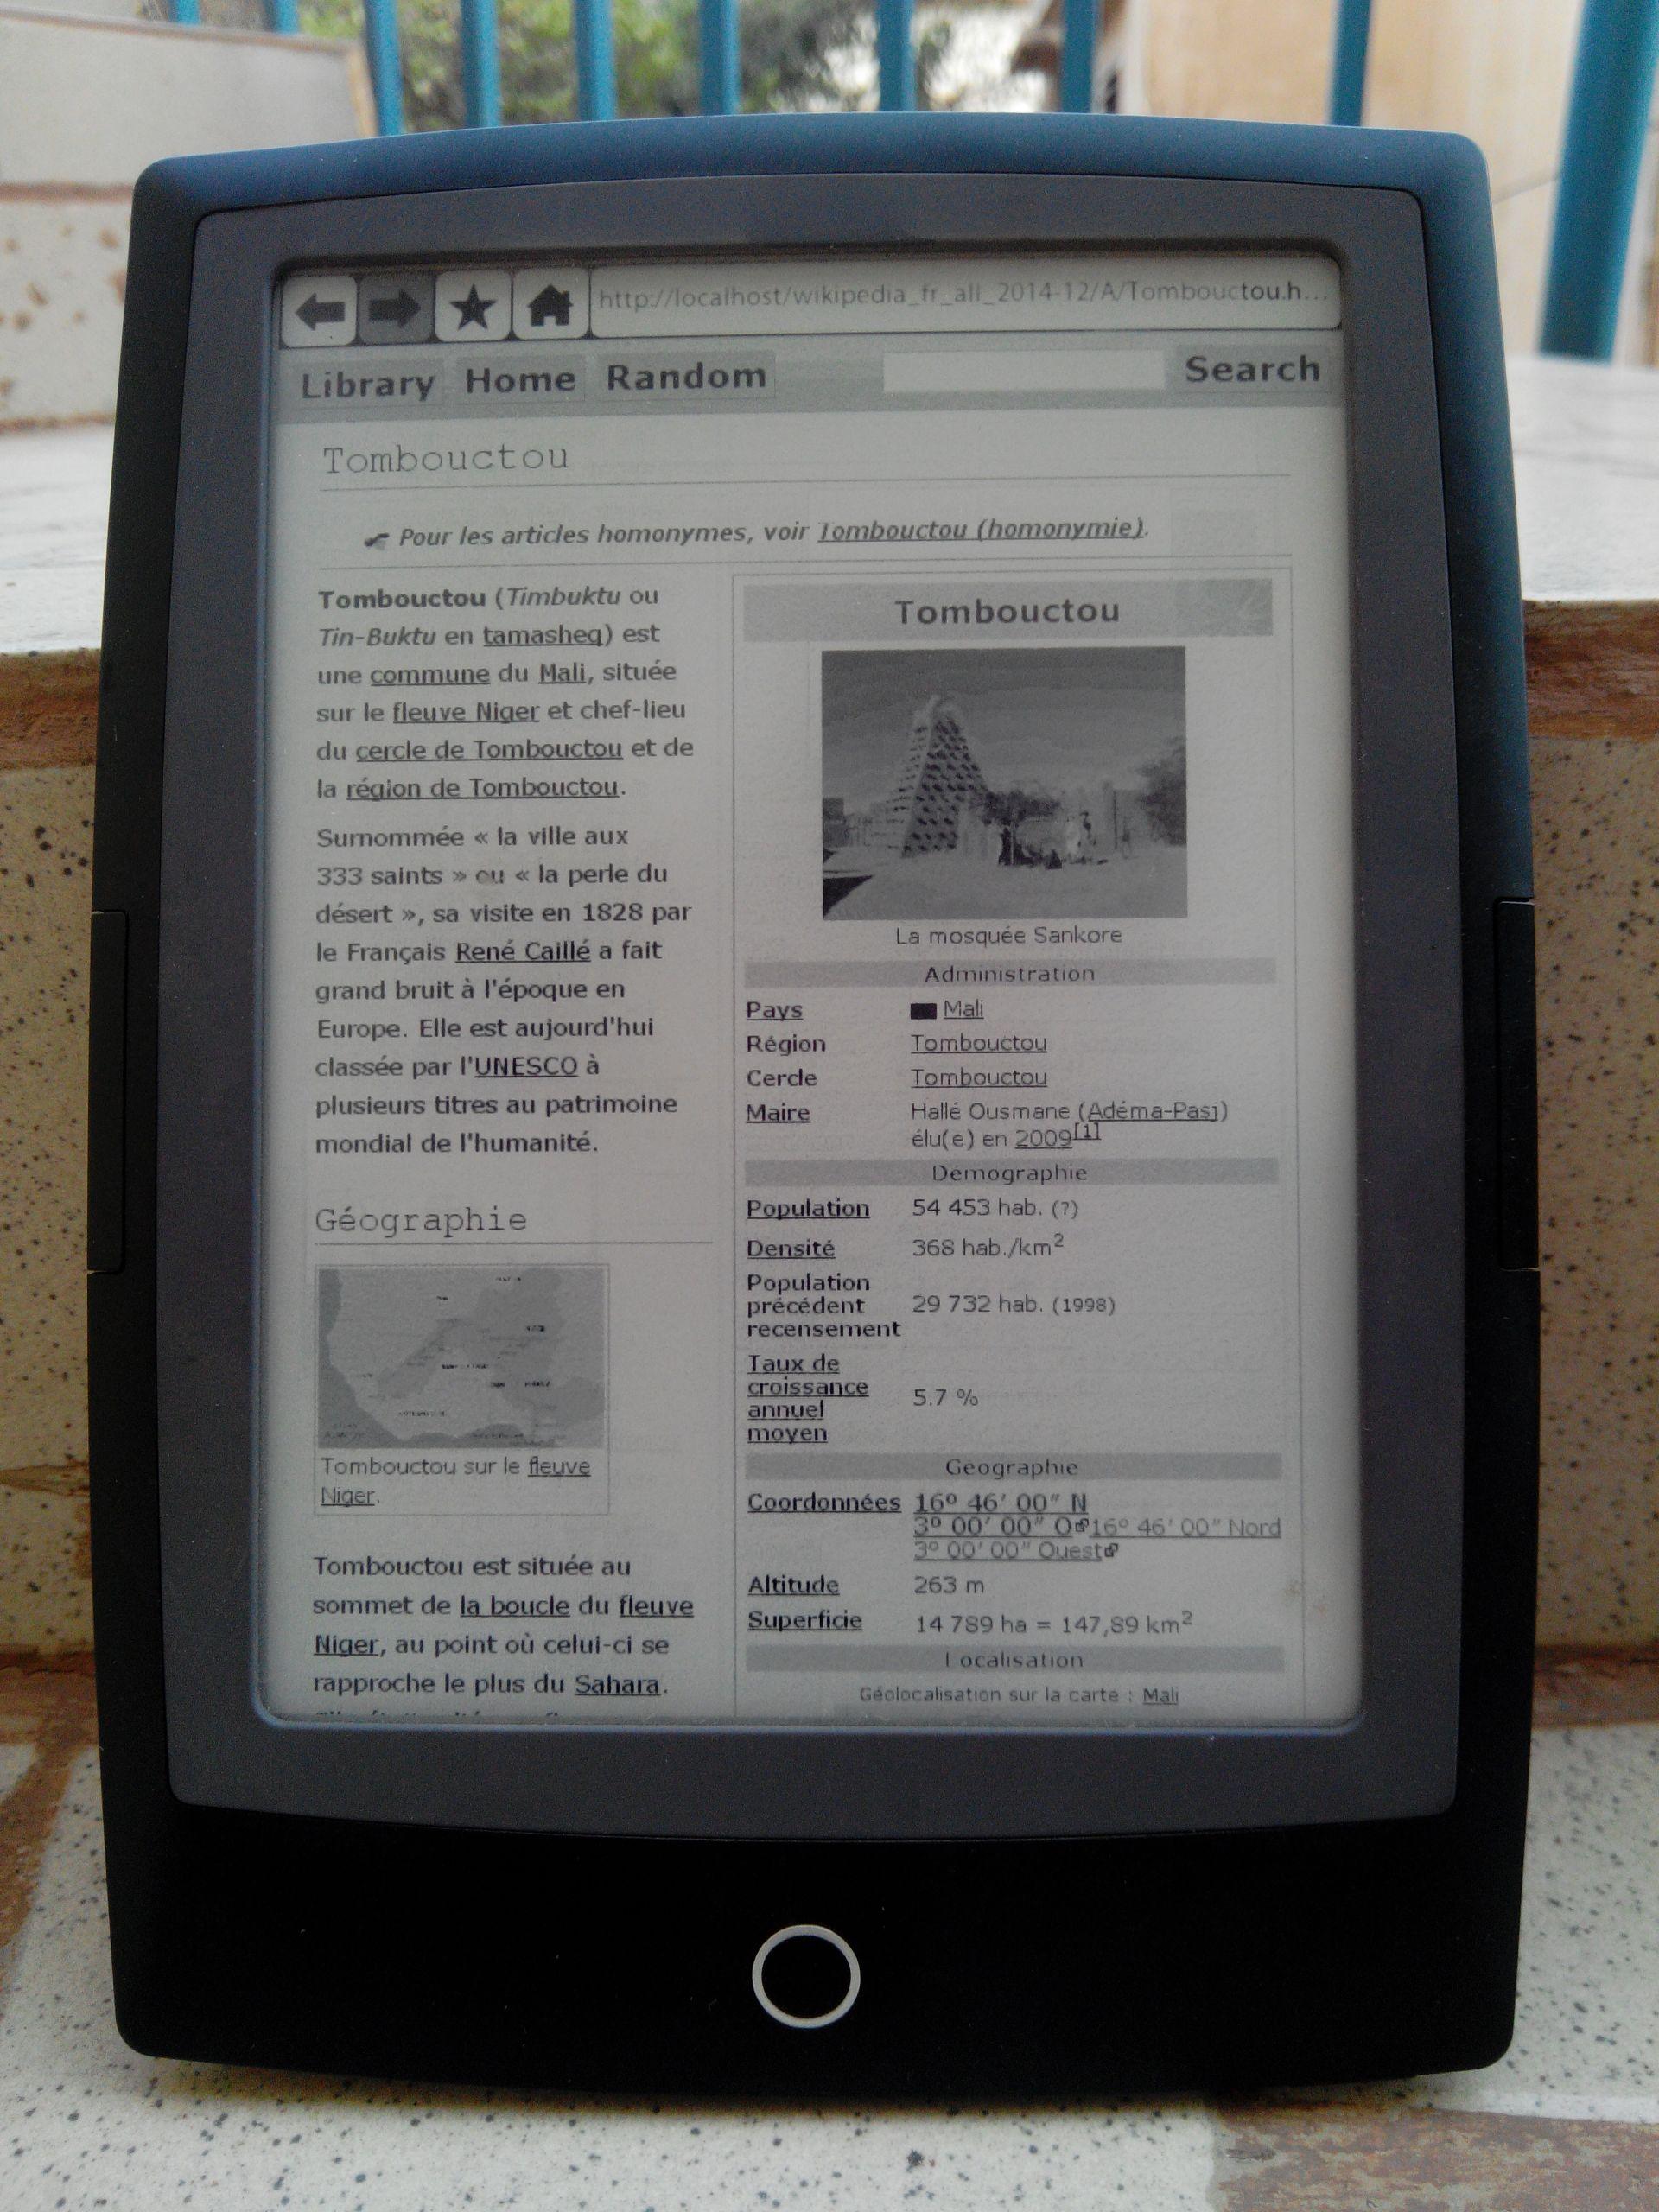 wikipedia on cybook